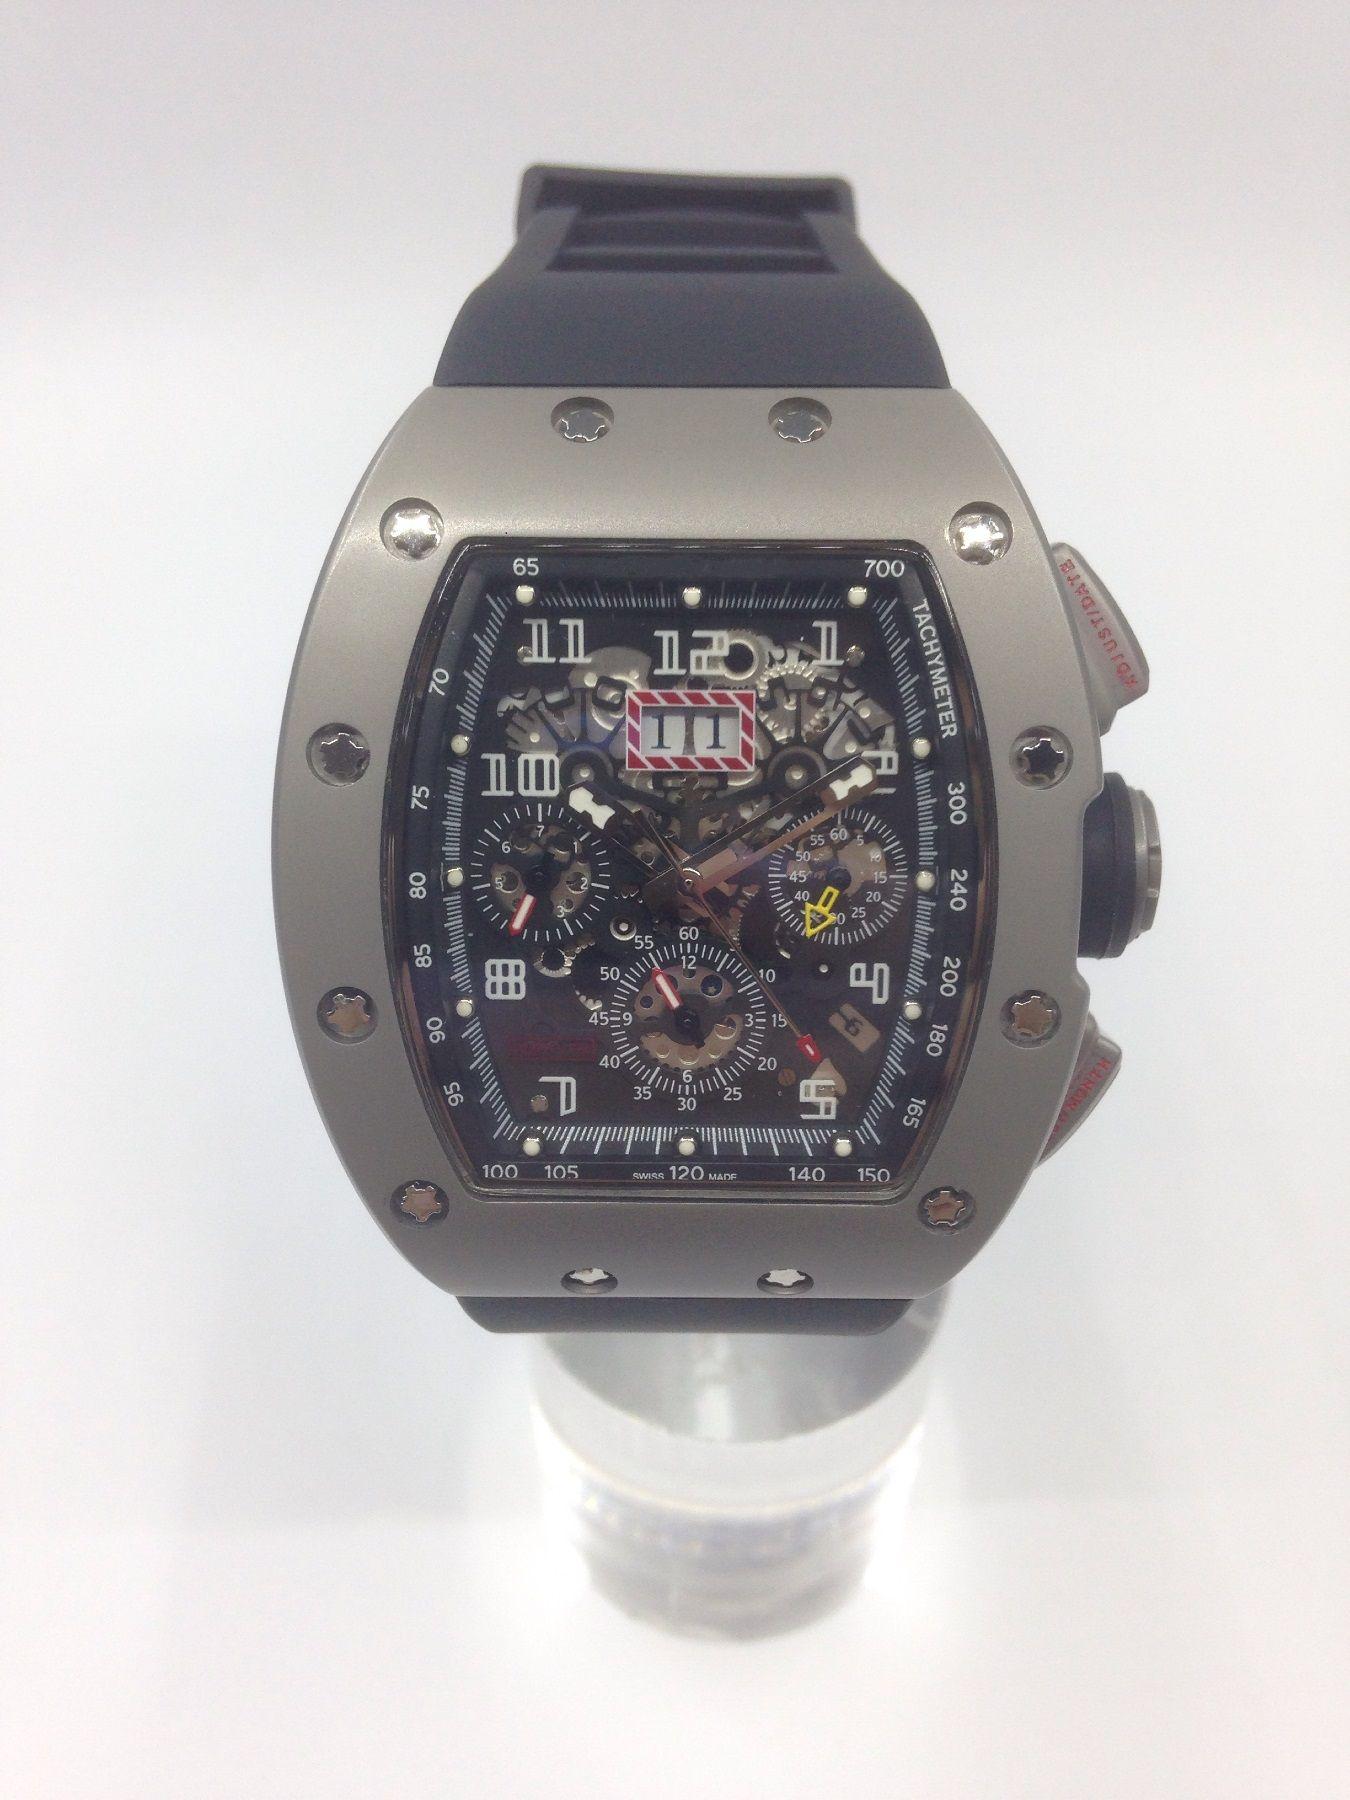 бесплатная доставка hk _ 2016 новый роскошный издание мужские часы Спорт механика хронограф сапфировое стекло высокое качество роскошные мужские часы